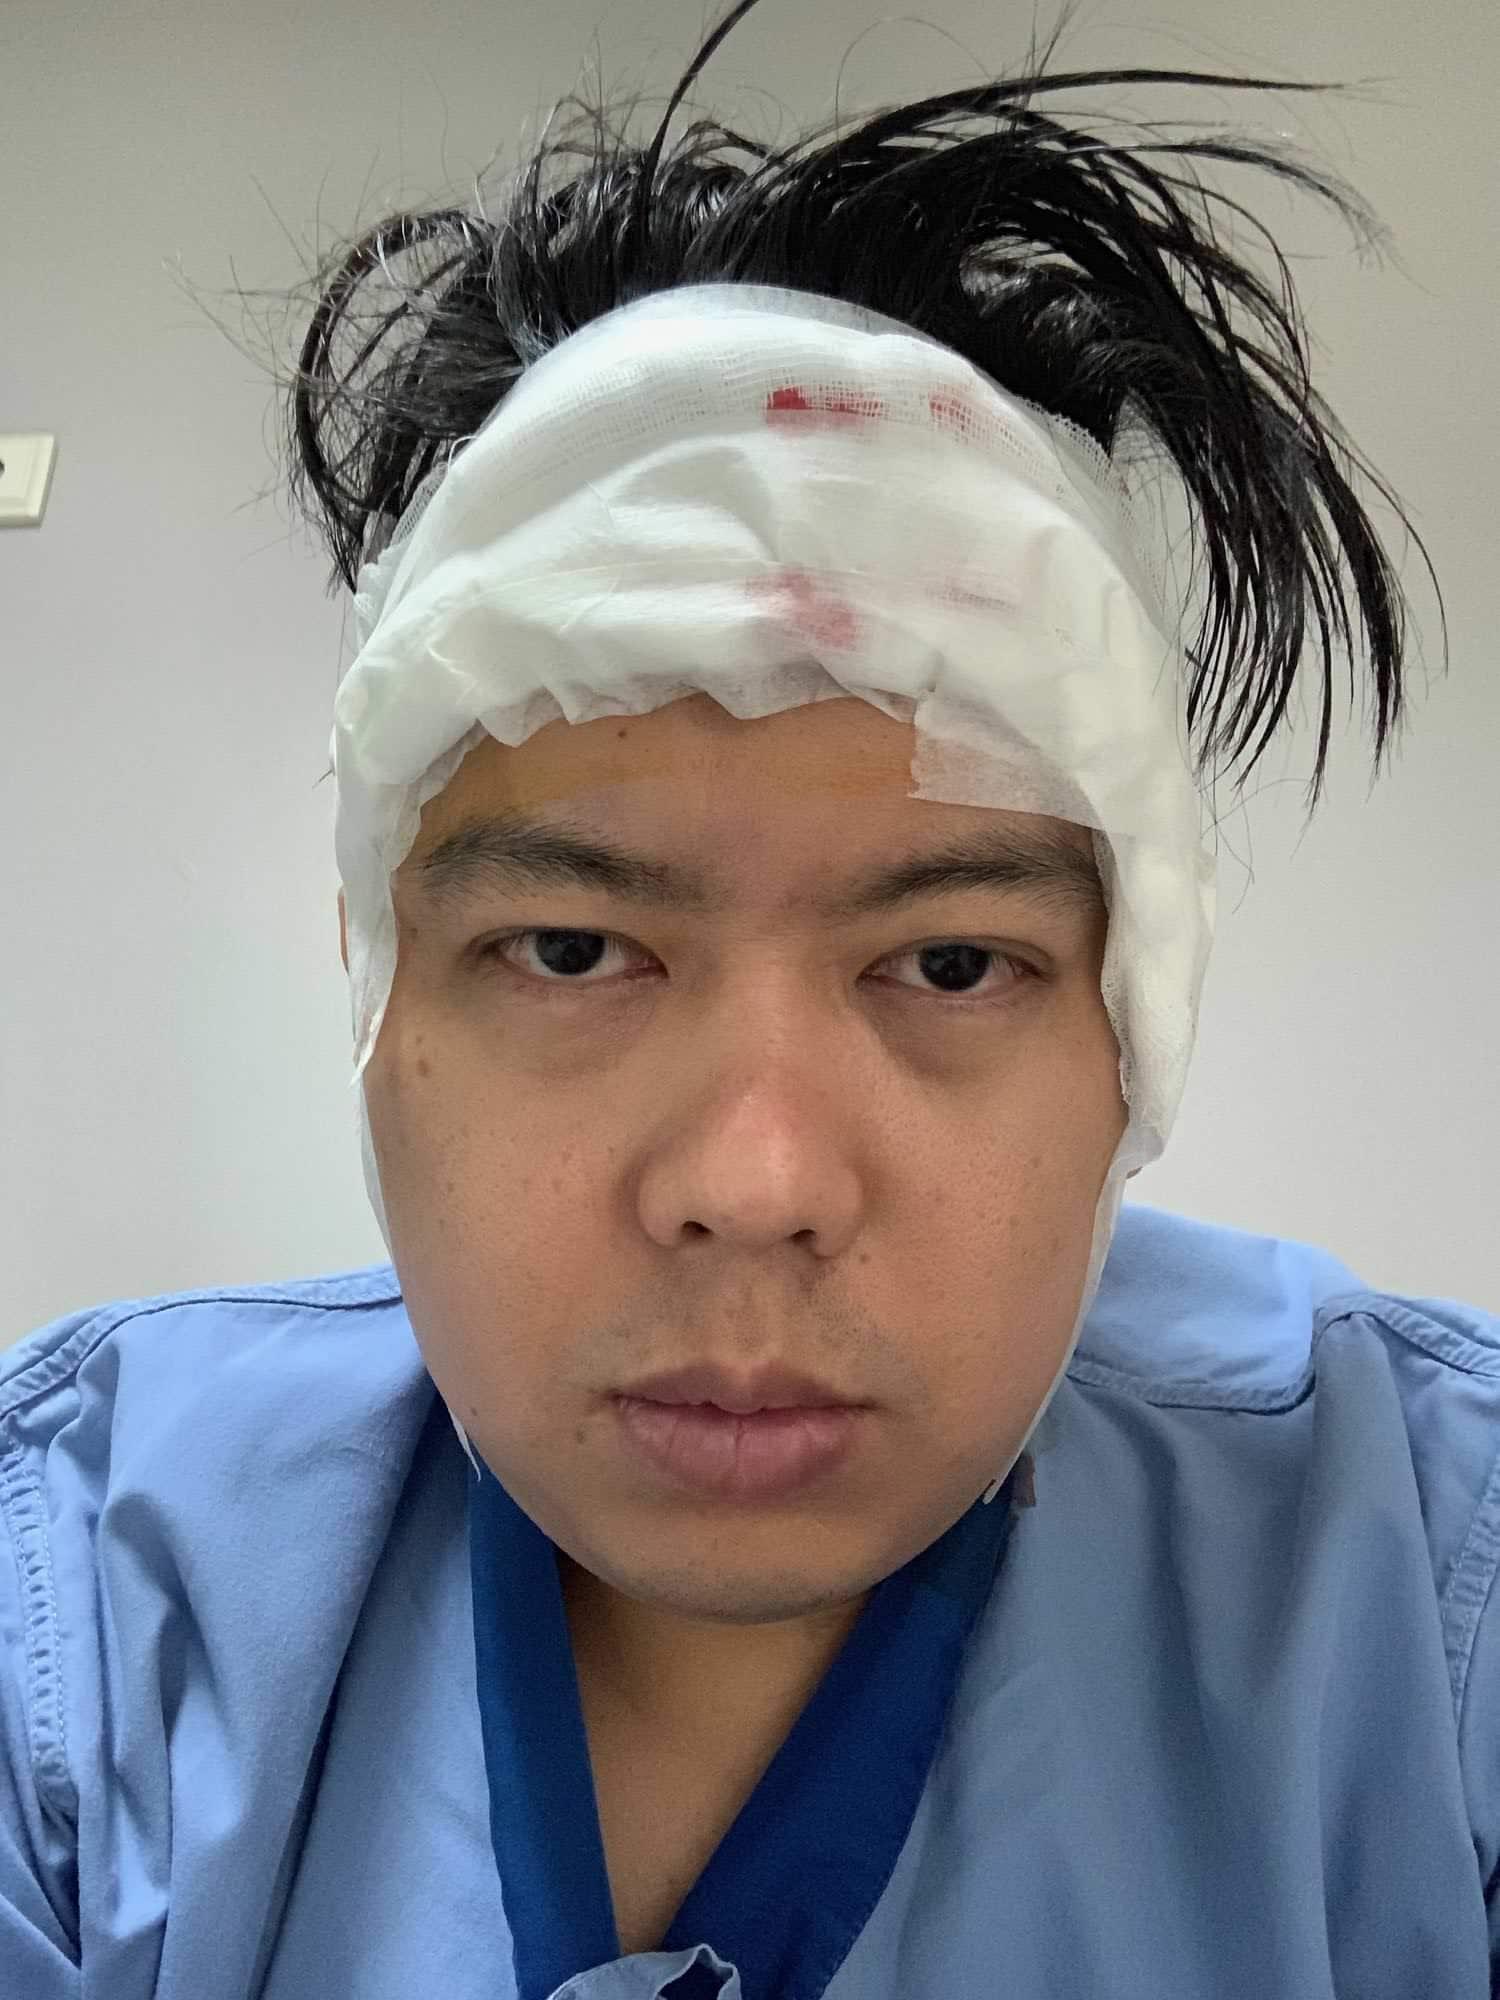 รีวิวการปลูกผม กับเรื่องราว ณ วันผ่าตัด 12